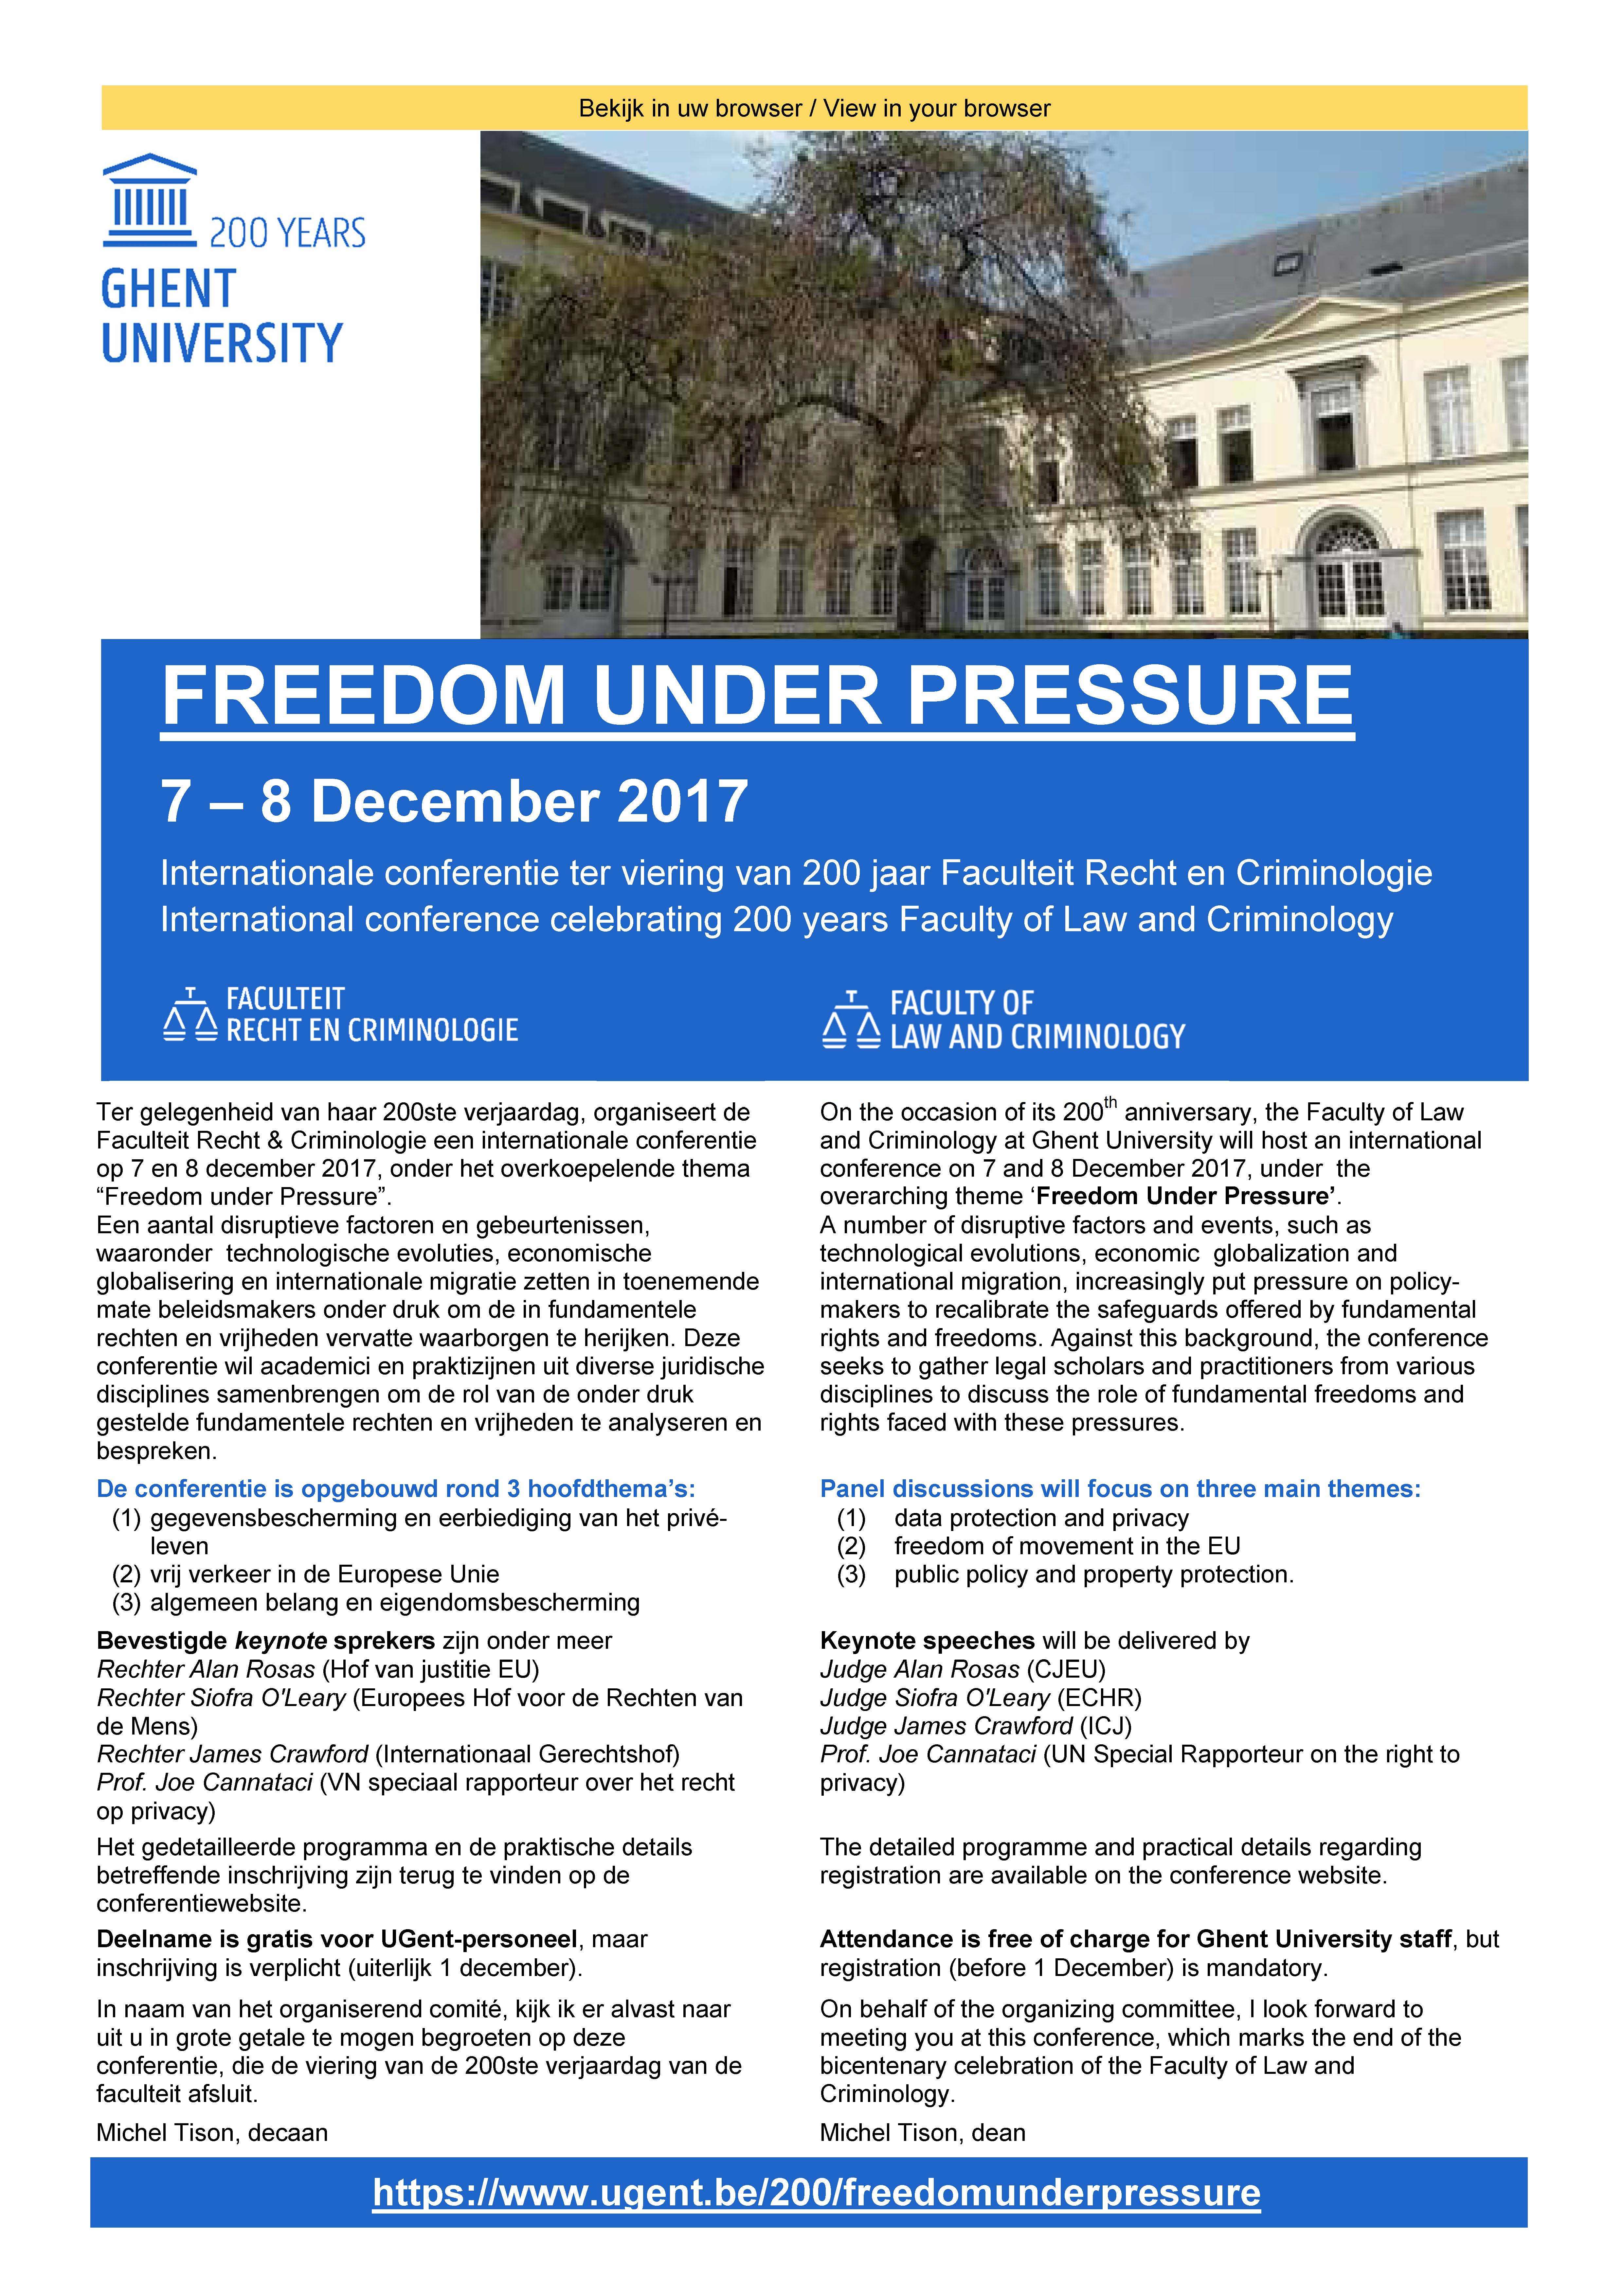 Uitnodiging Freedom Under Pressure - faculteit